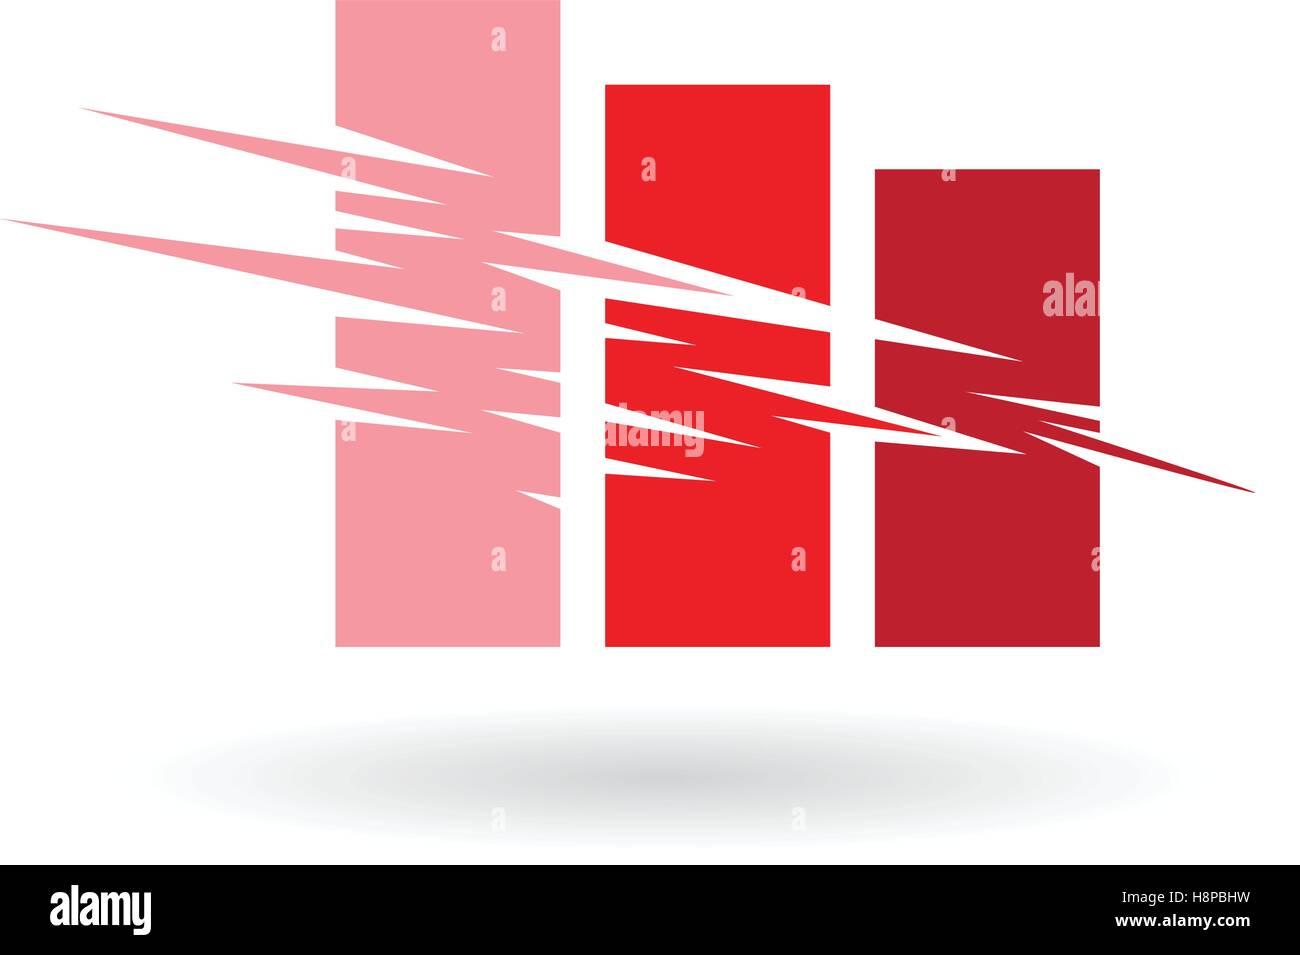 Illustrazione Vettoriale di caduta Stats Icona astratta isolata su uno sfondo bianco Immagini Stock